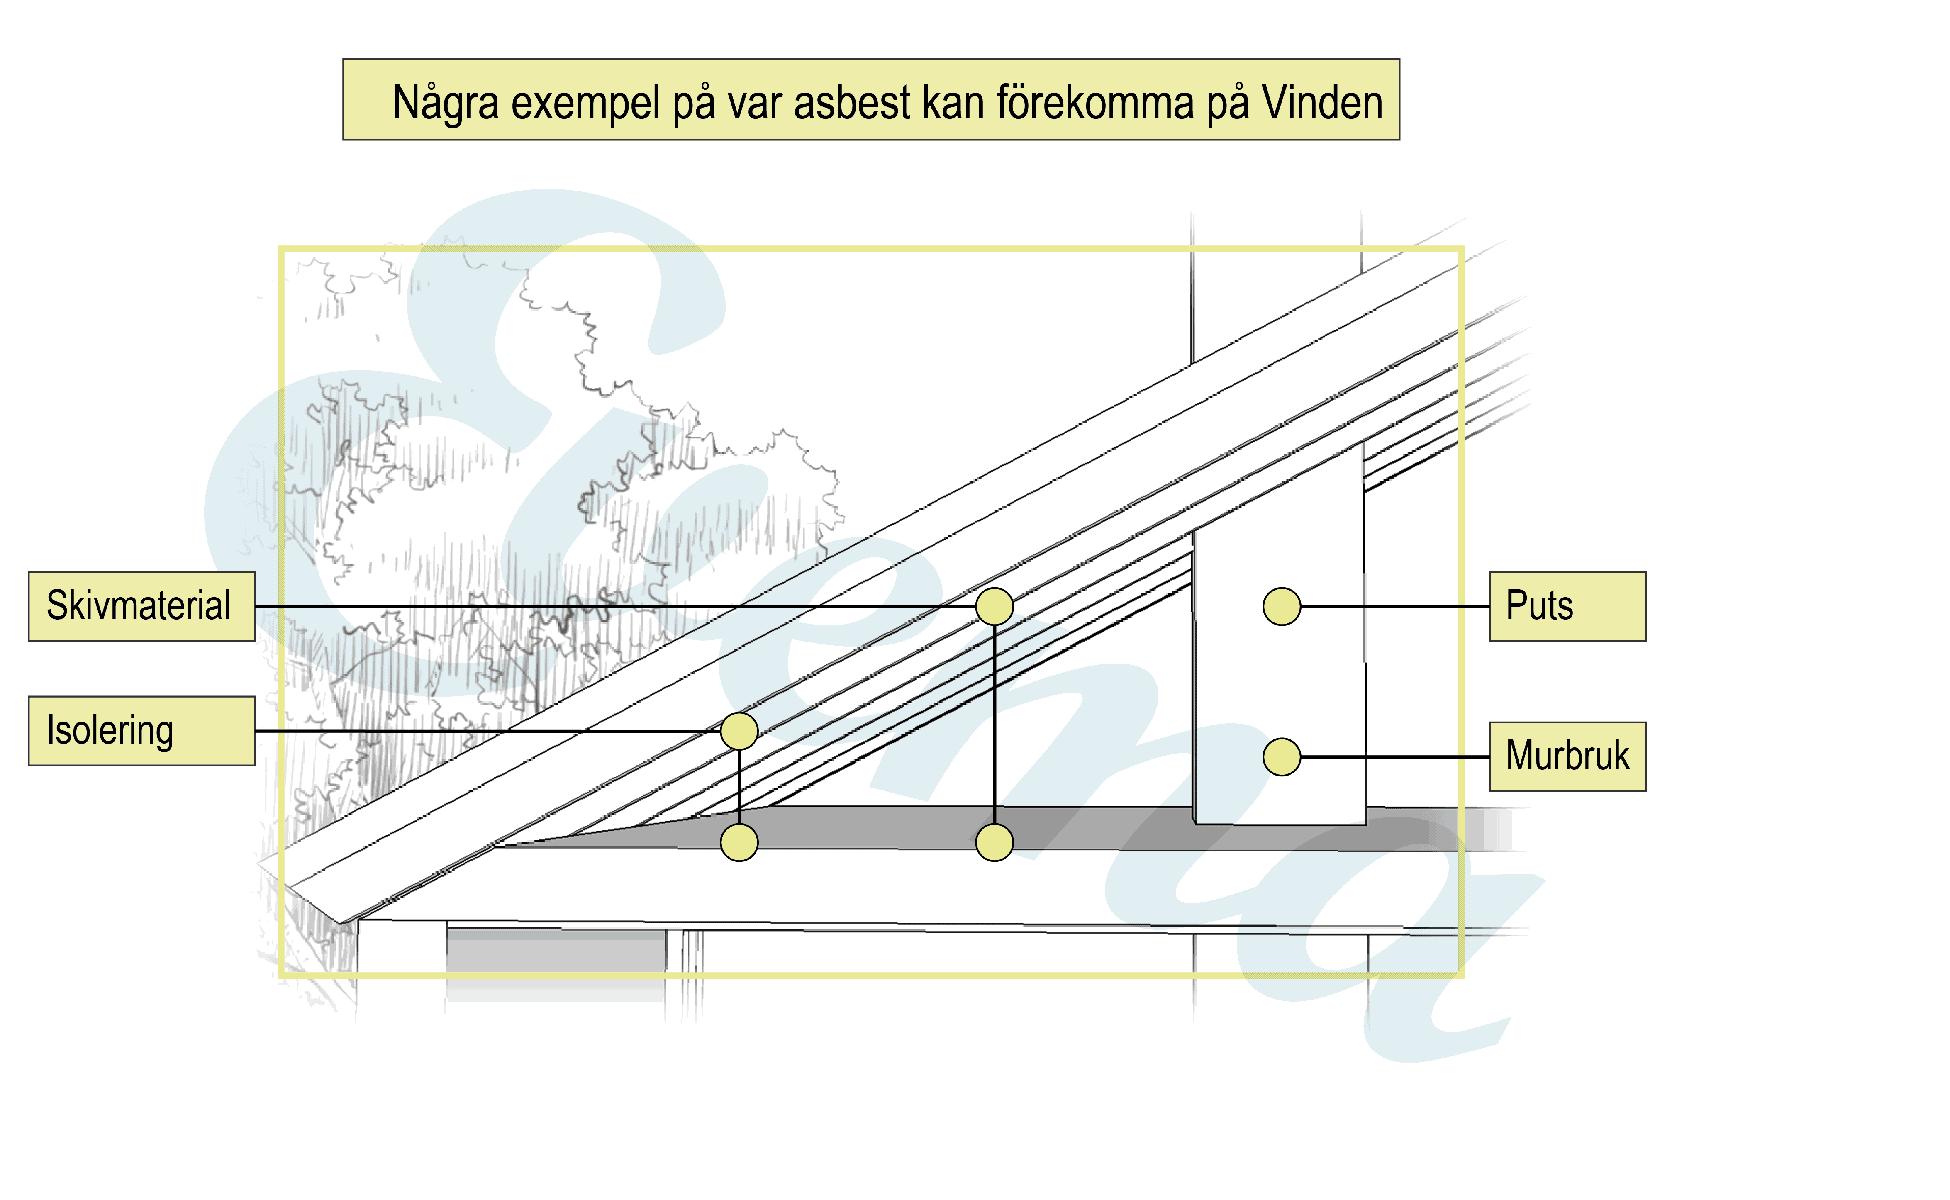 Grafisk bild som visar vart på vinden det kan finnas asbest